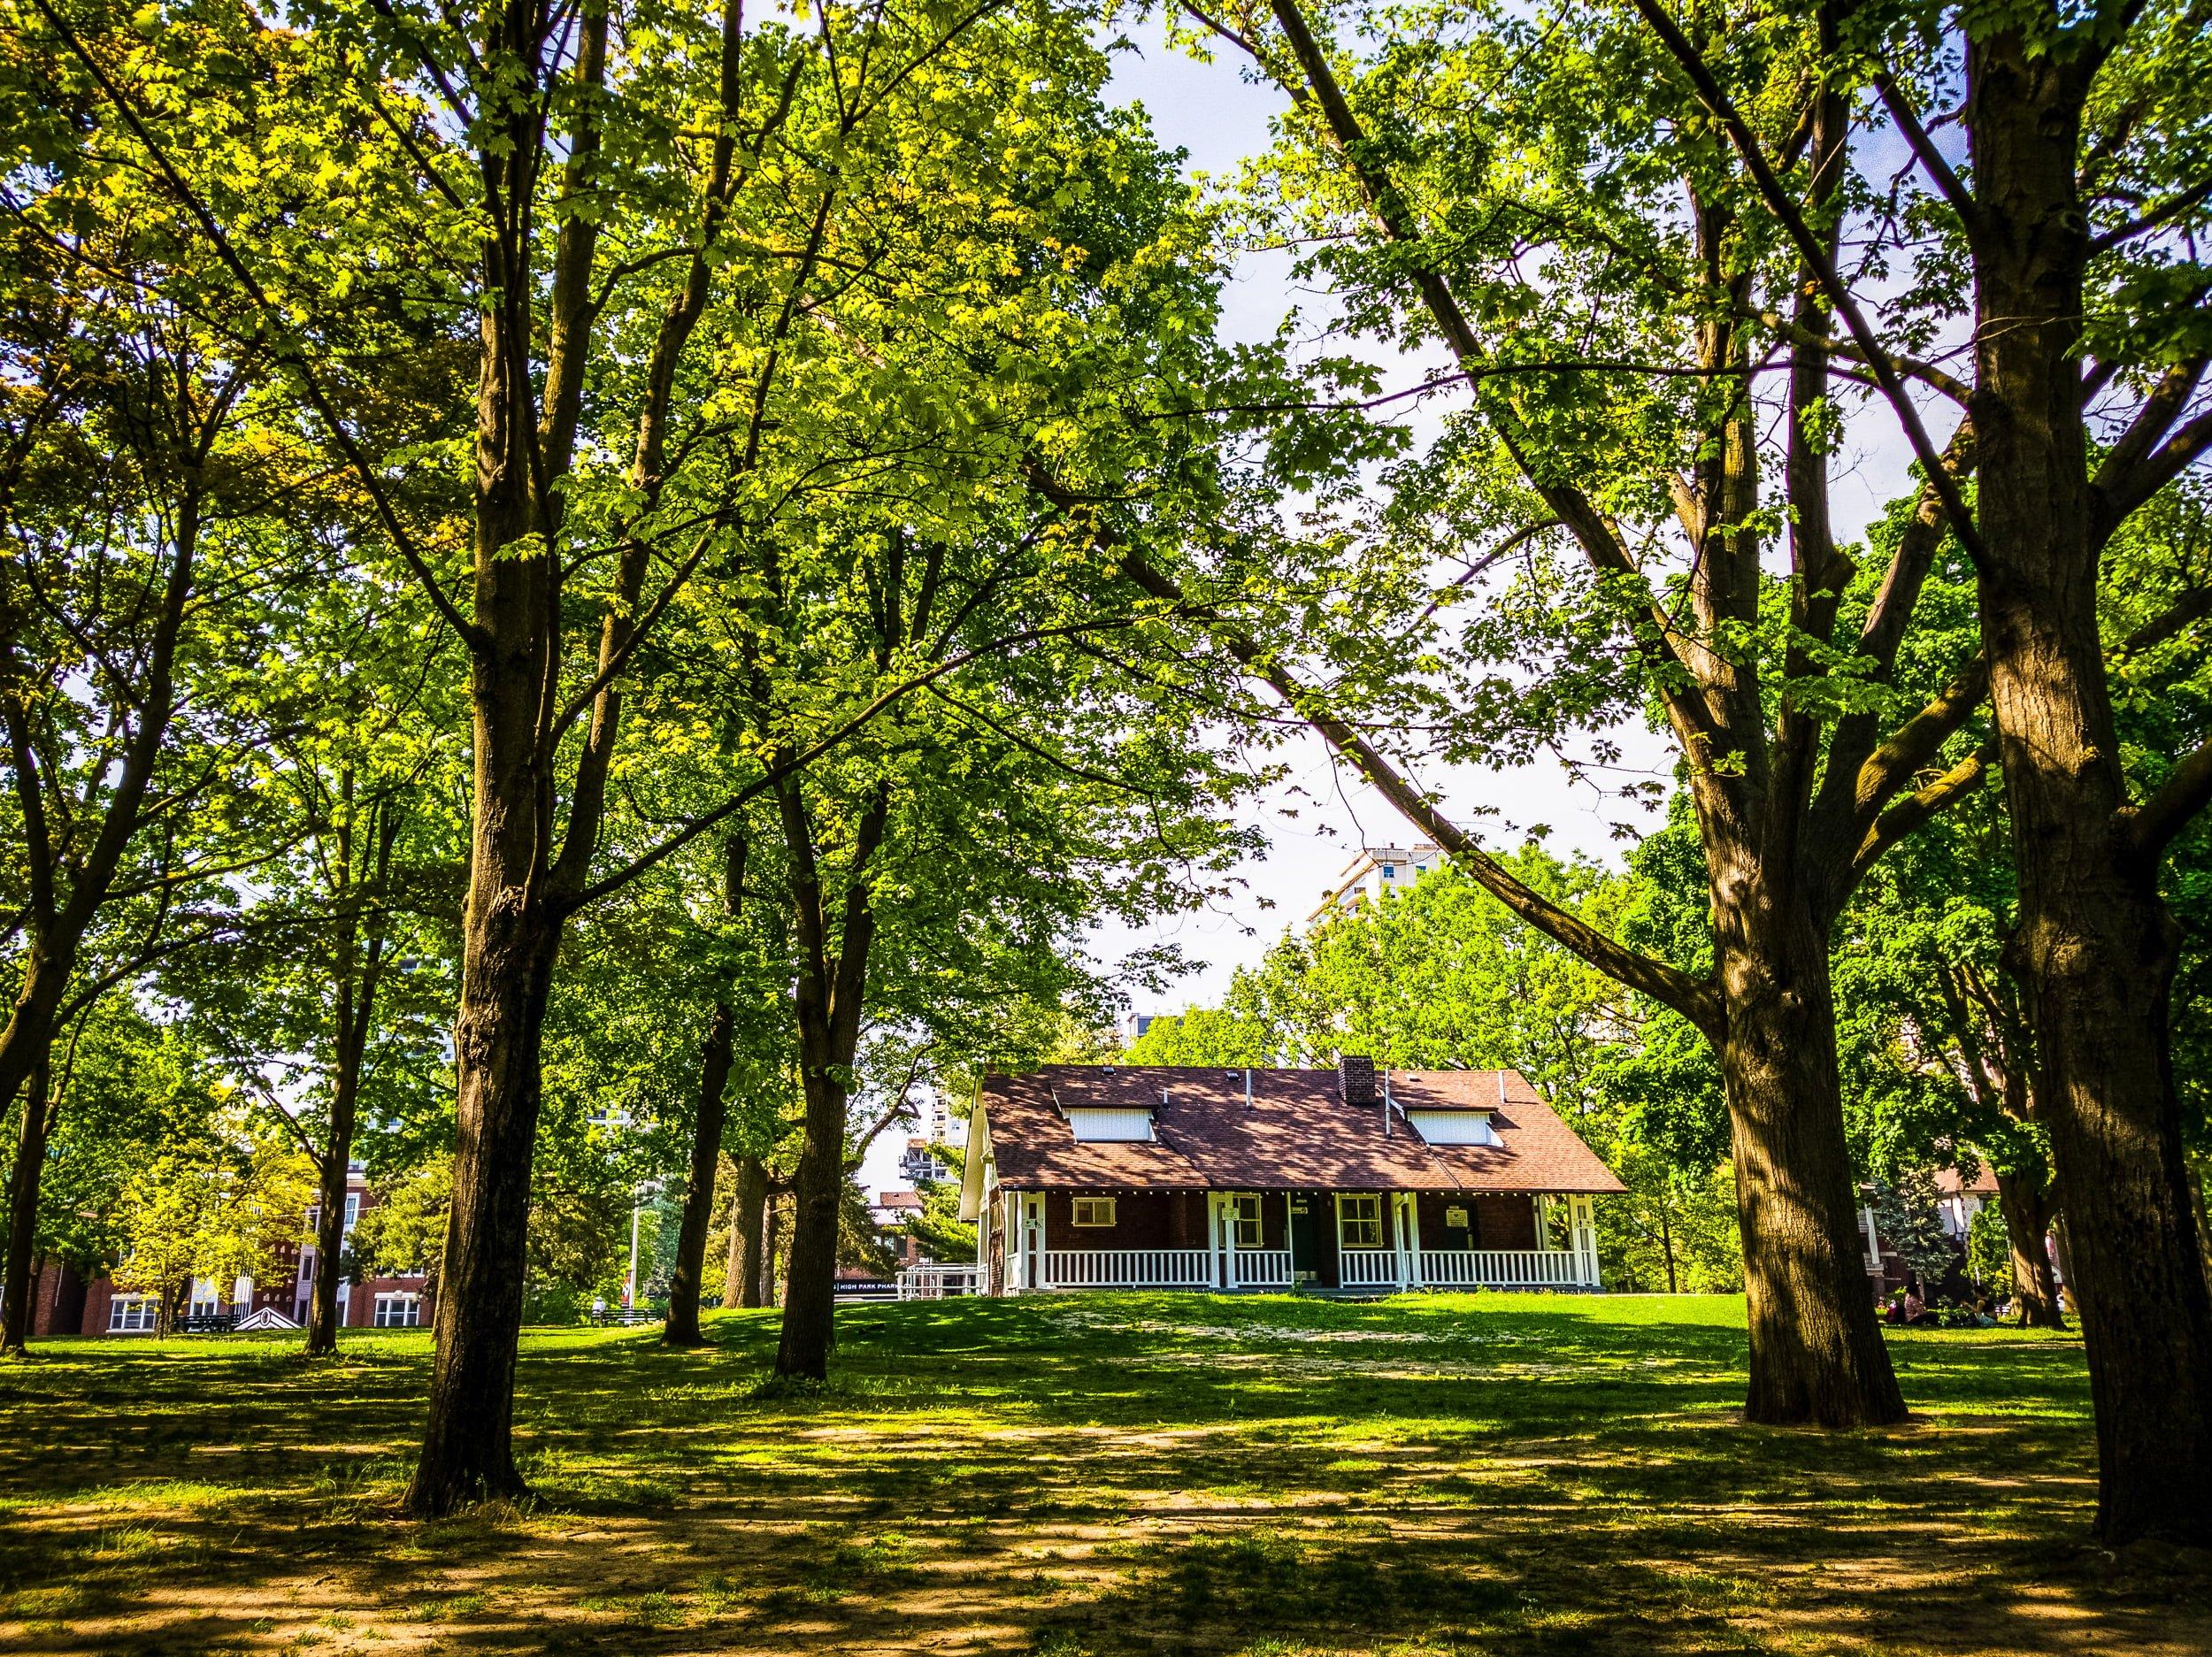 High Park's Chess House